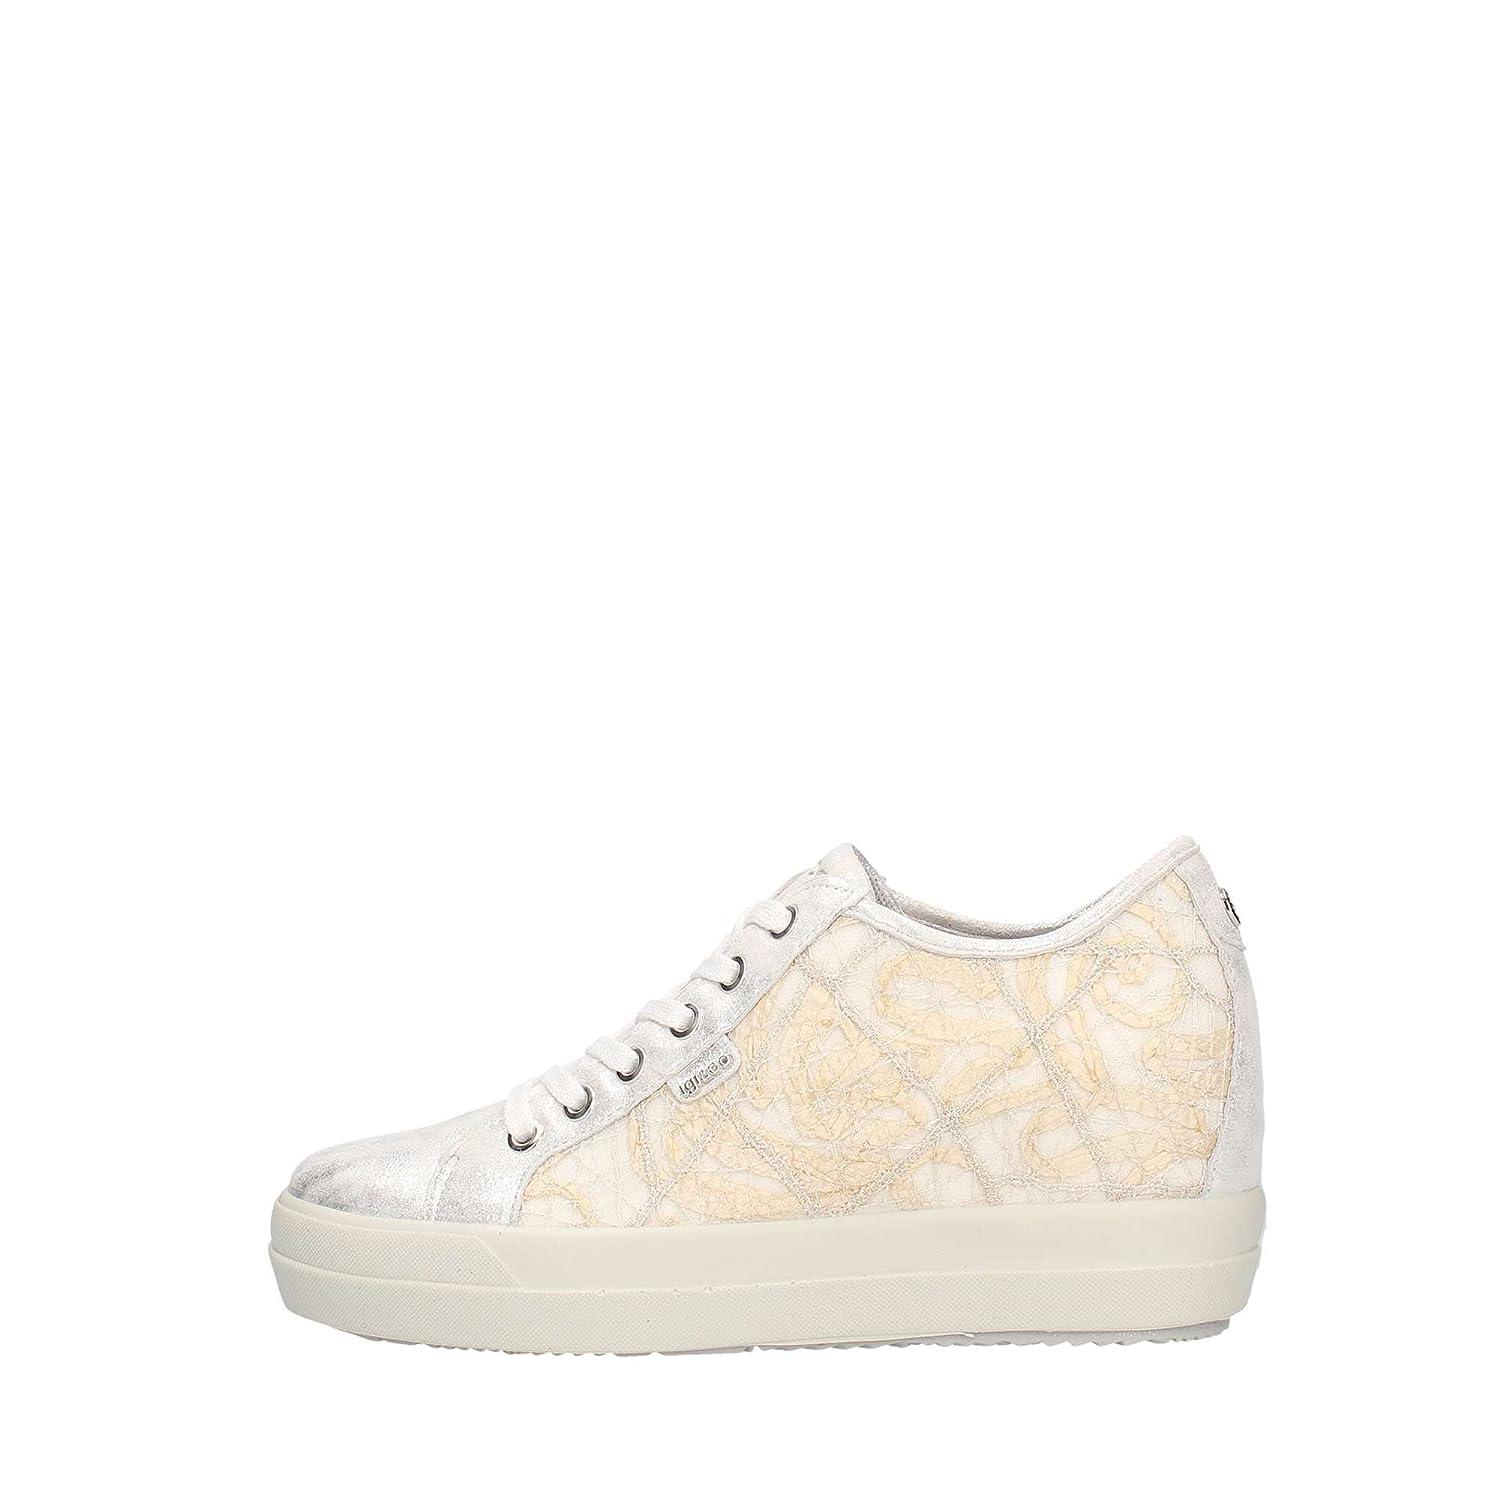 IGI&Co Frauen-Niedrige Schuhe mit Keil Turnschuhe 1150111 Weiß